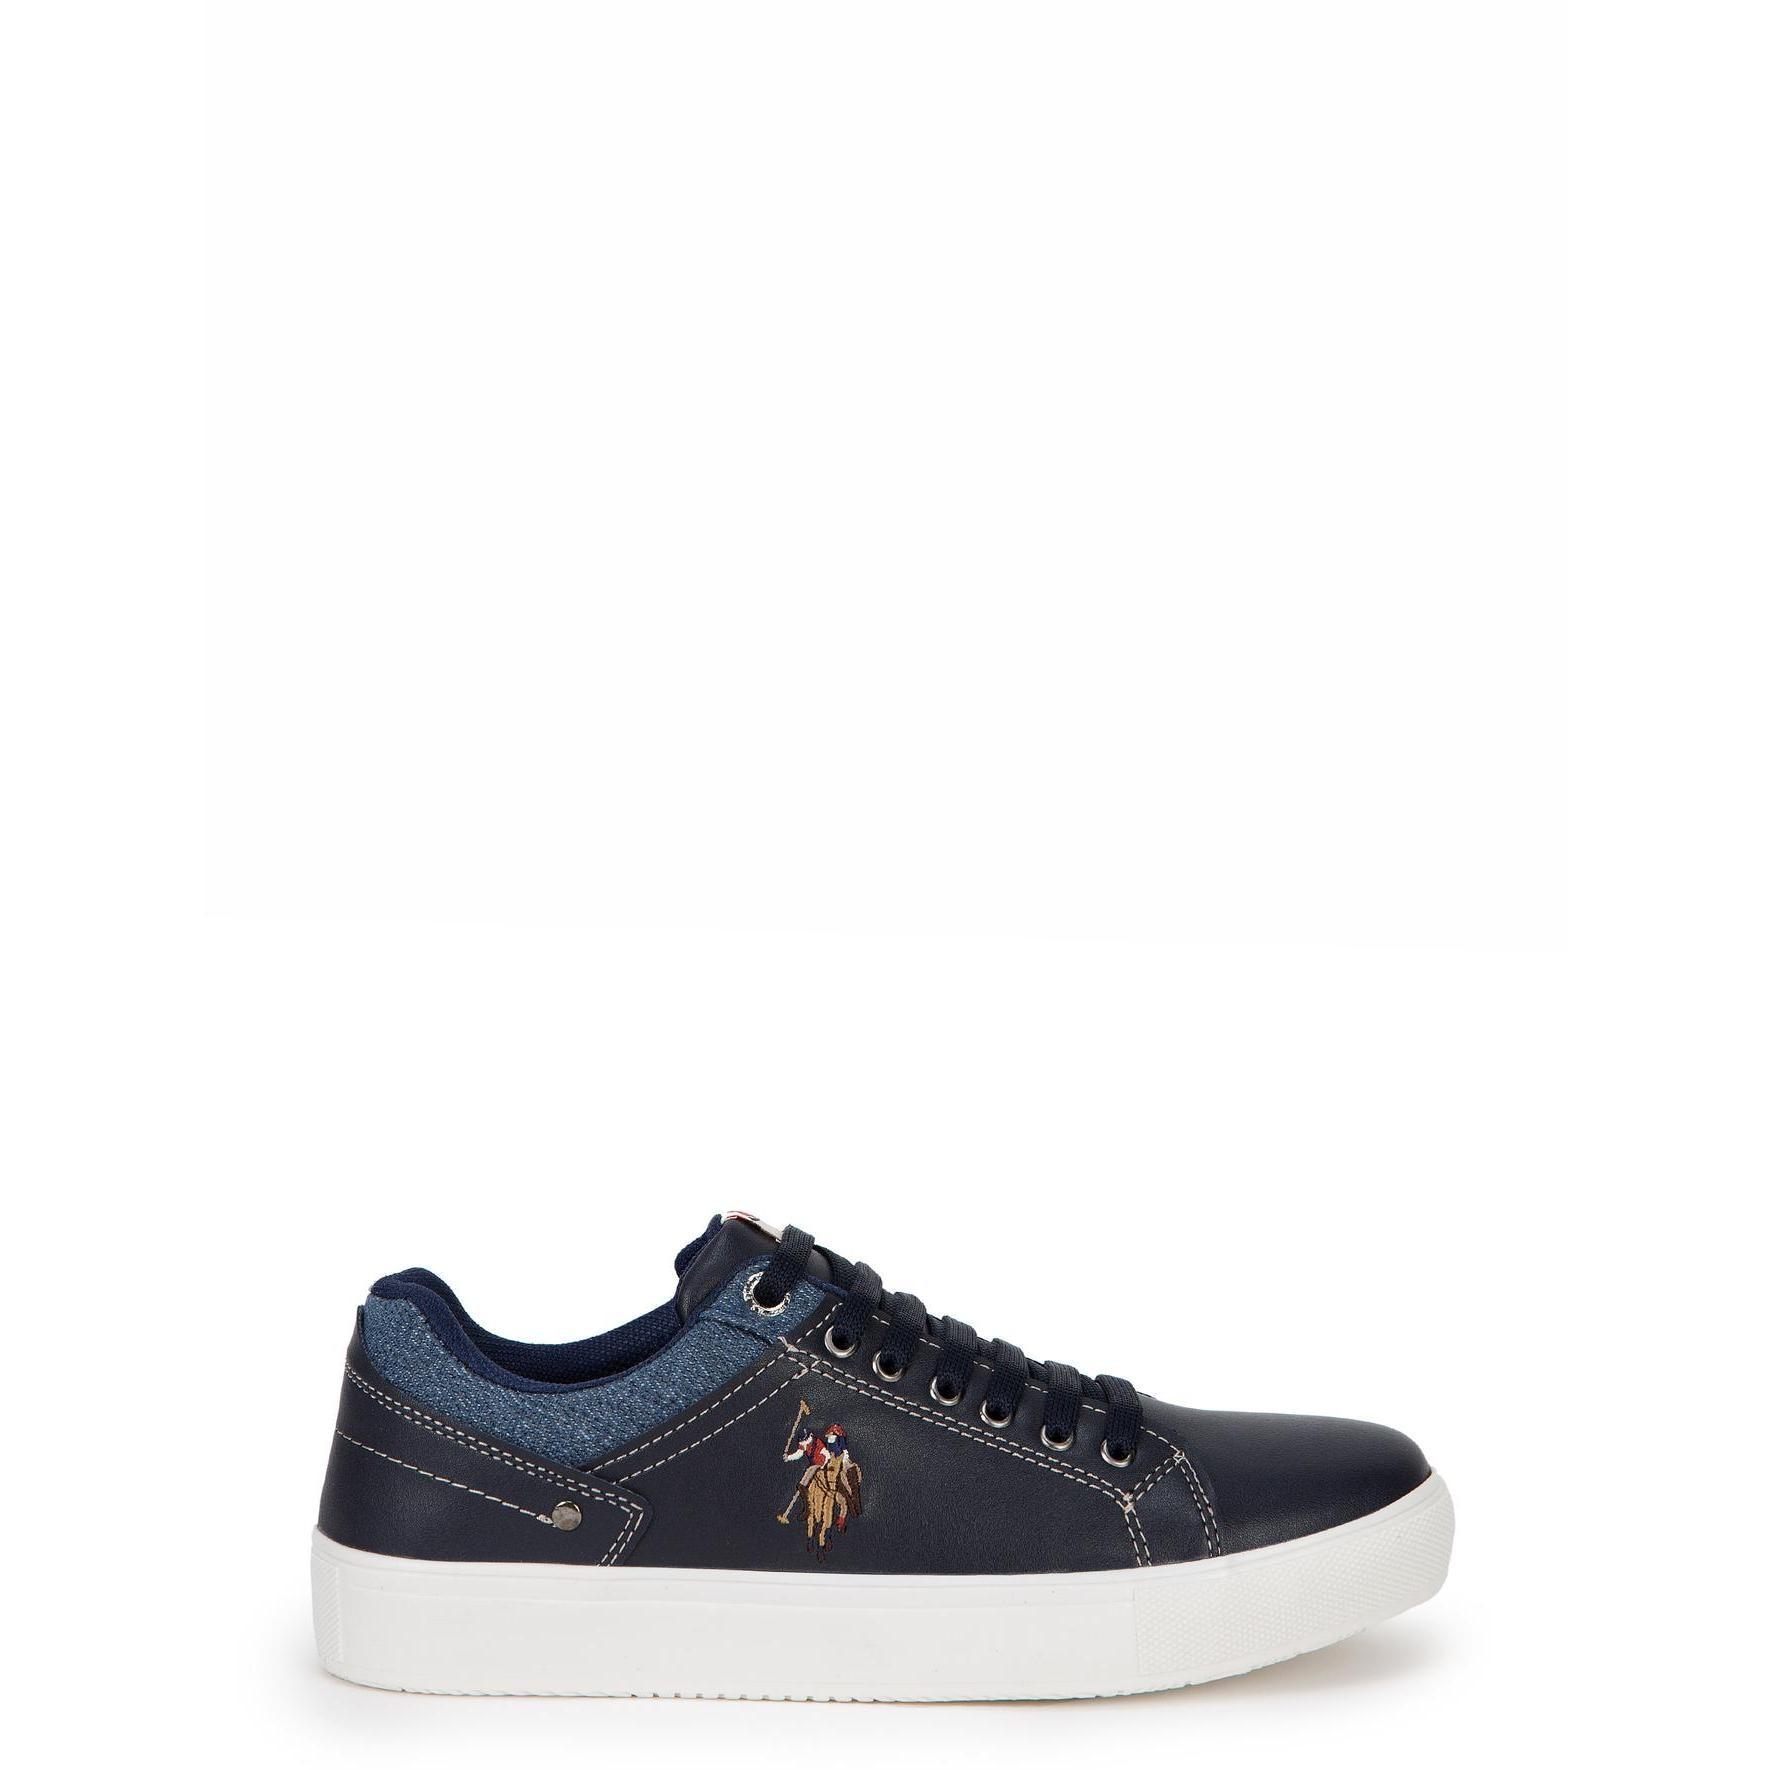 حذاء يو اس بولو اسن ازرق كحلي 50224923 VR033|أحذية التزلج| - AliExpress